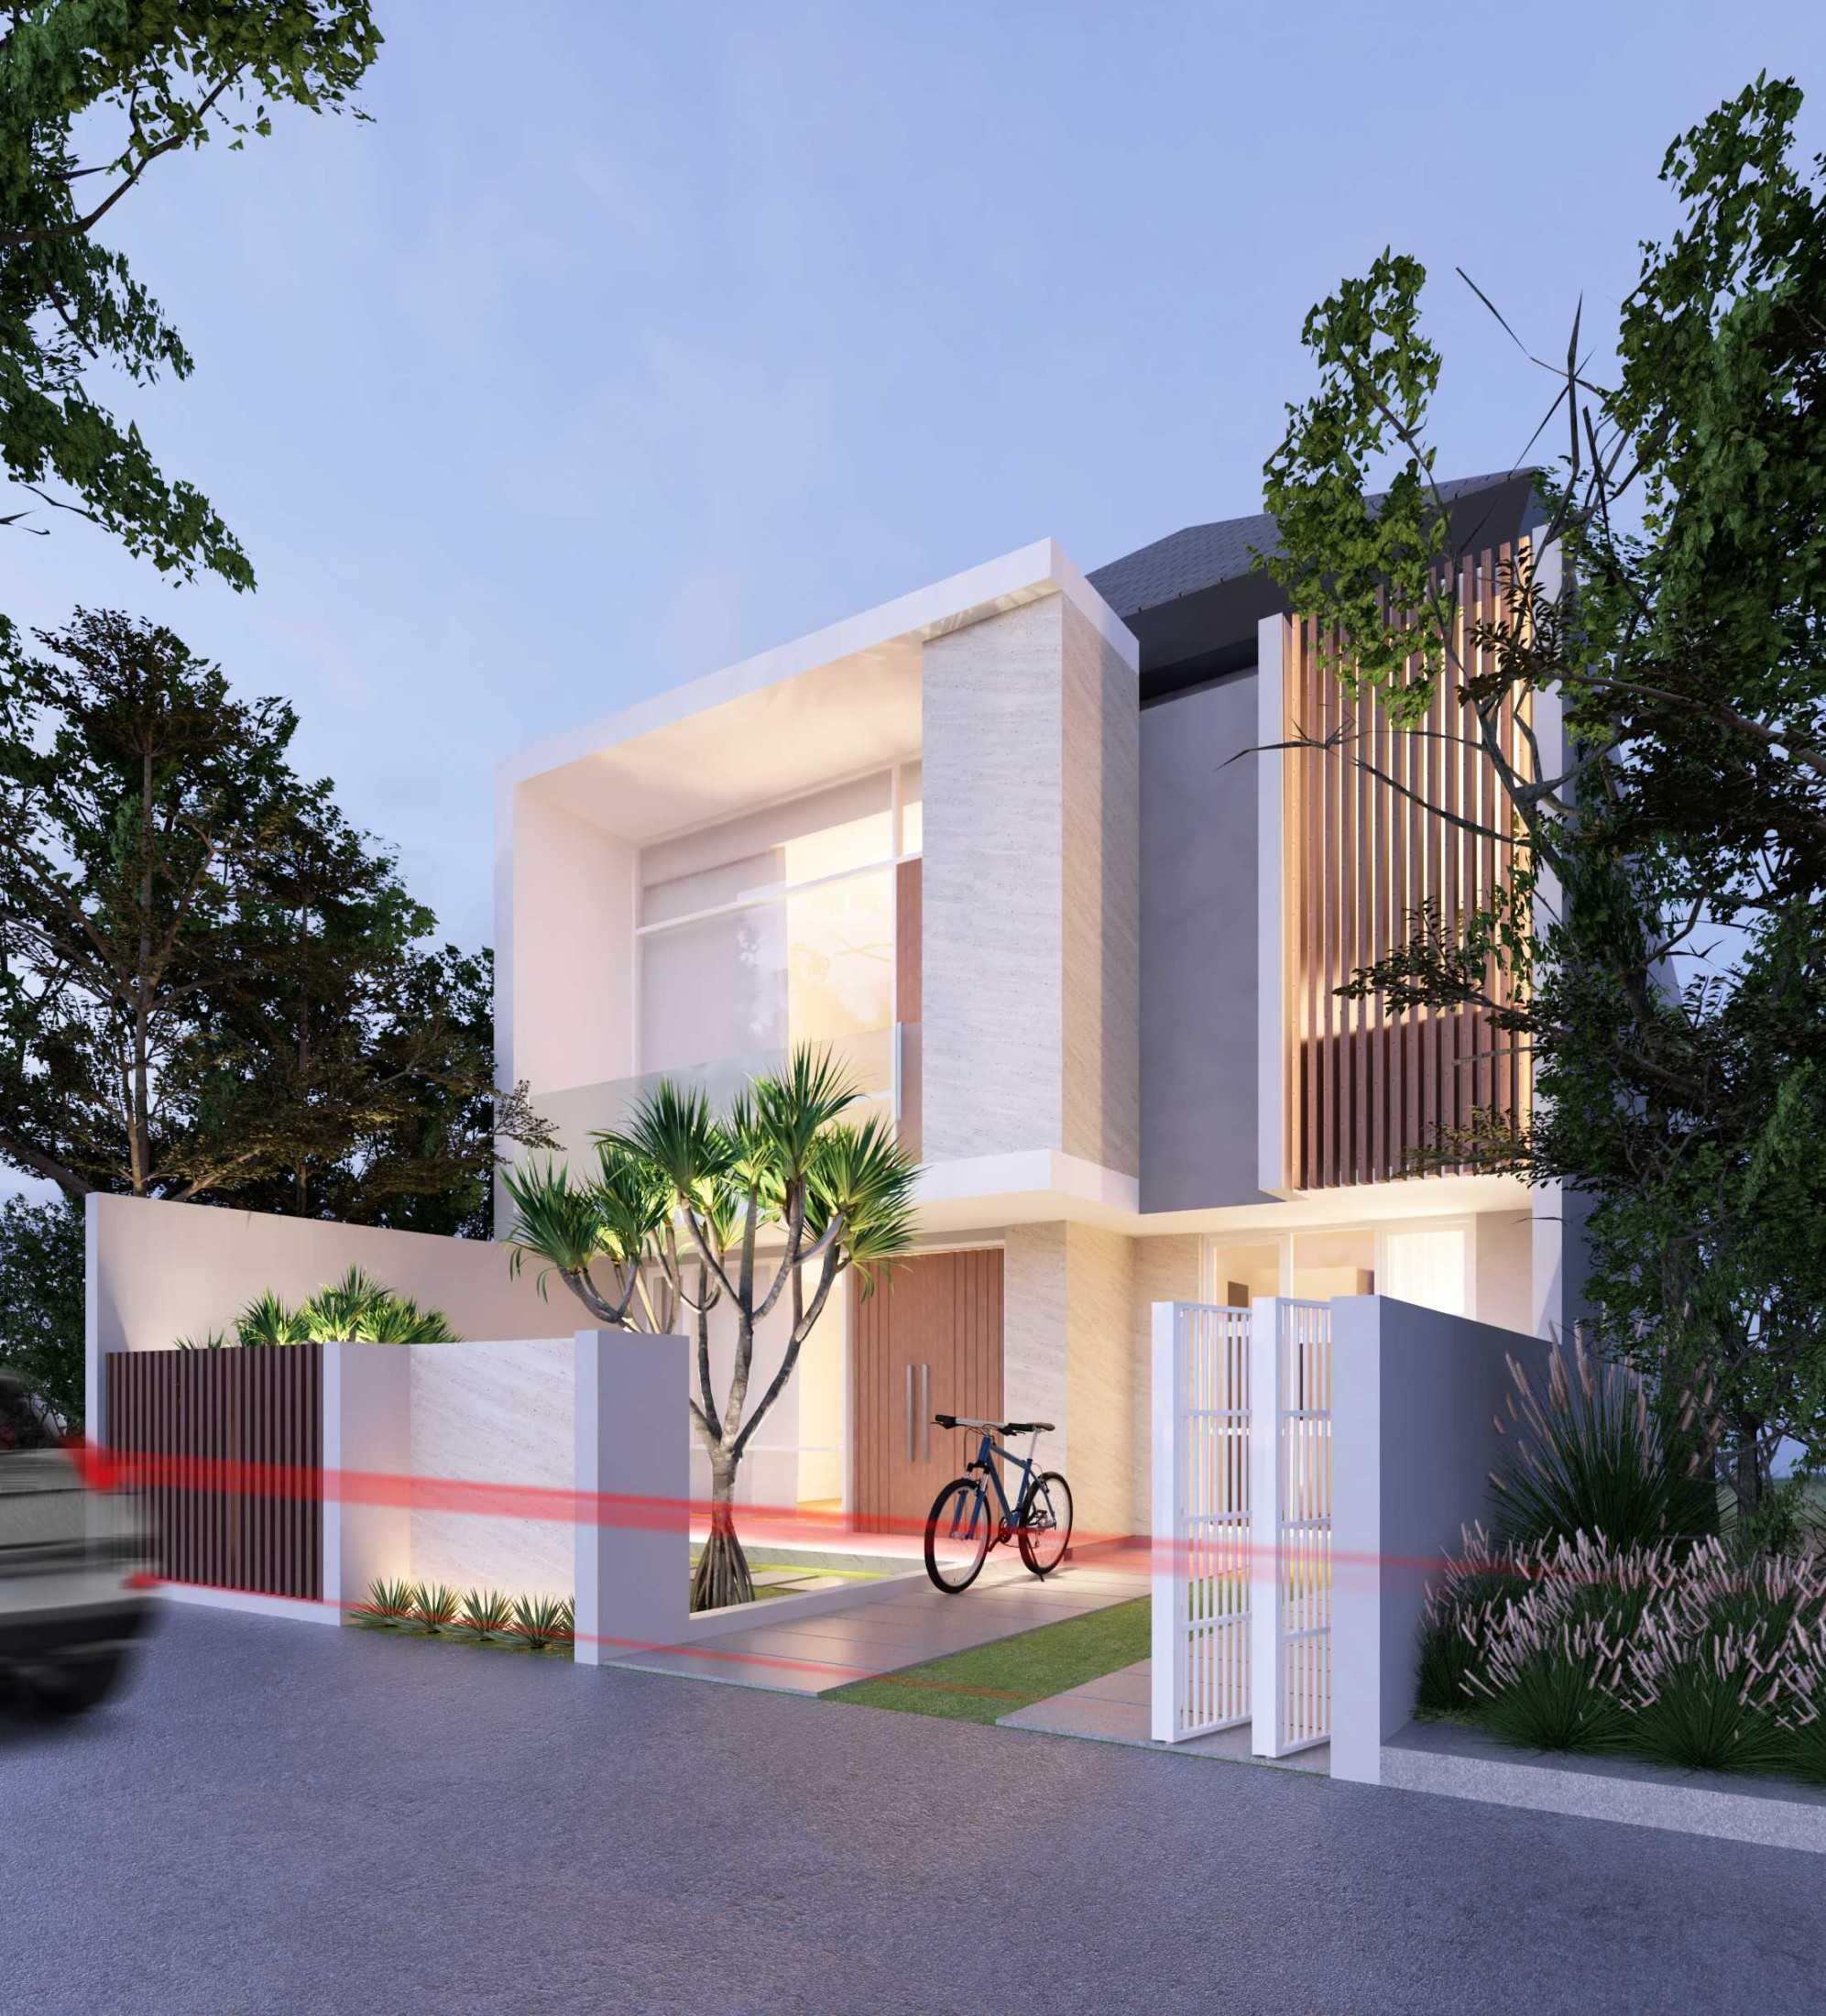 Ade Adang Suryana Visualisasi Arsitektur Dan Interior Rumah Bogor, Jawa Barat, Indonesia Bogor, Jawa Barat, Indonesia Ade-Adang-Suryana-Visualisasi-Arsitektur-Dan-Interior-Rumah Tropical 91994